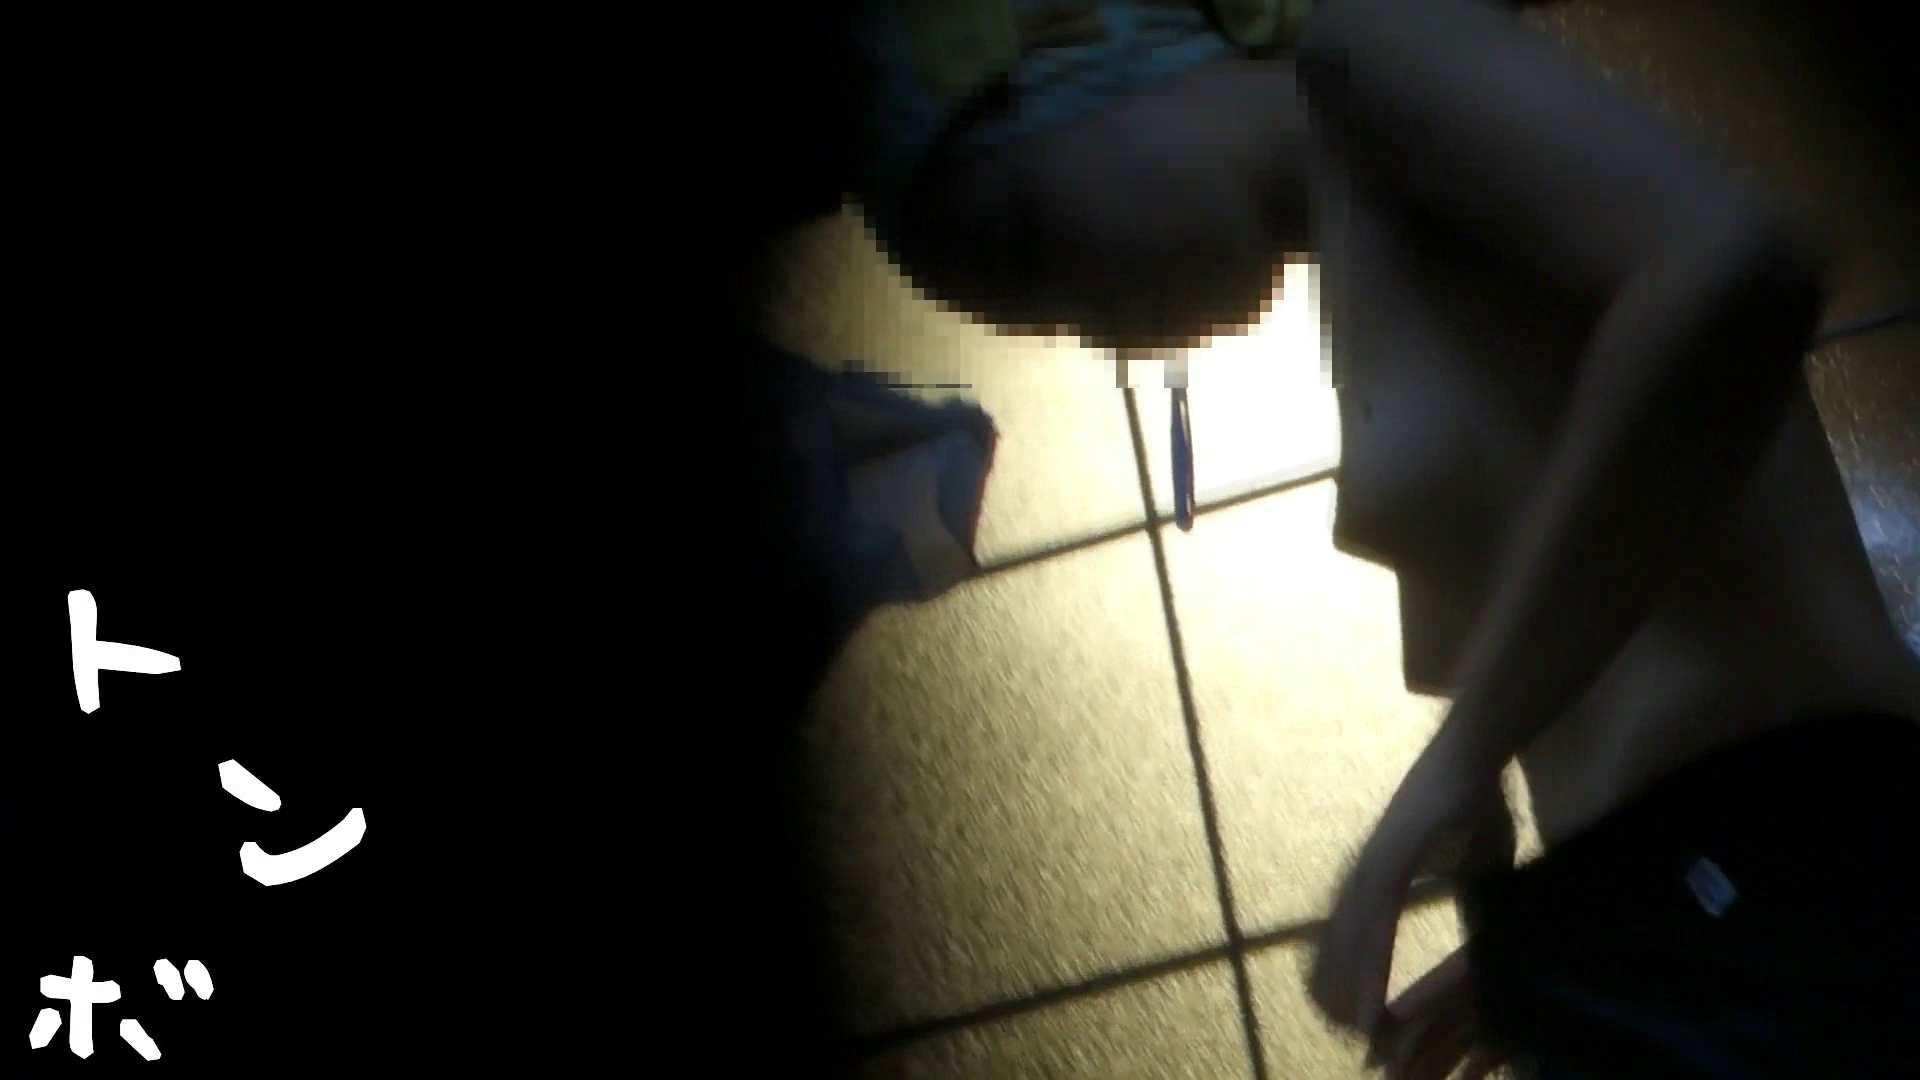 リアル盗撮 新垣結依似!現役女子大生の私生活 0 | 0  61画像 11